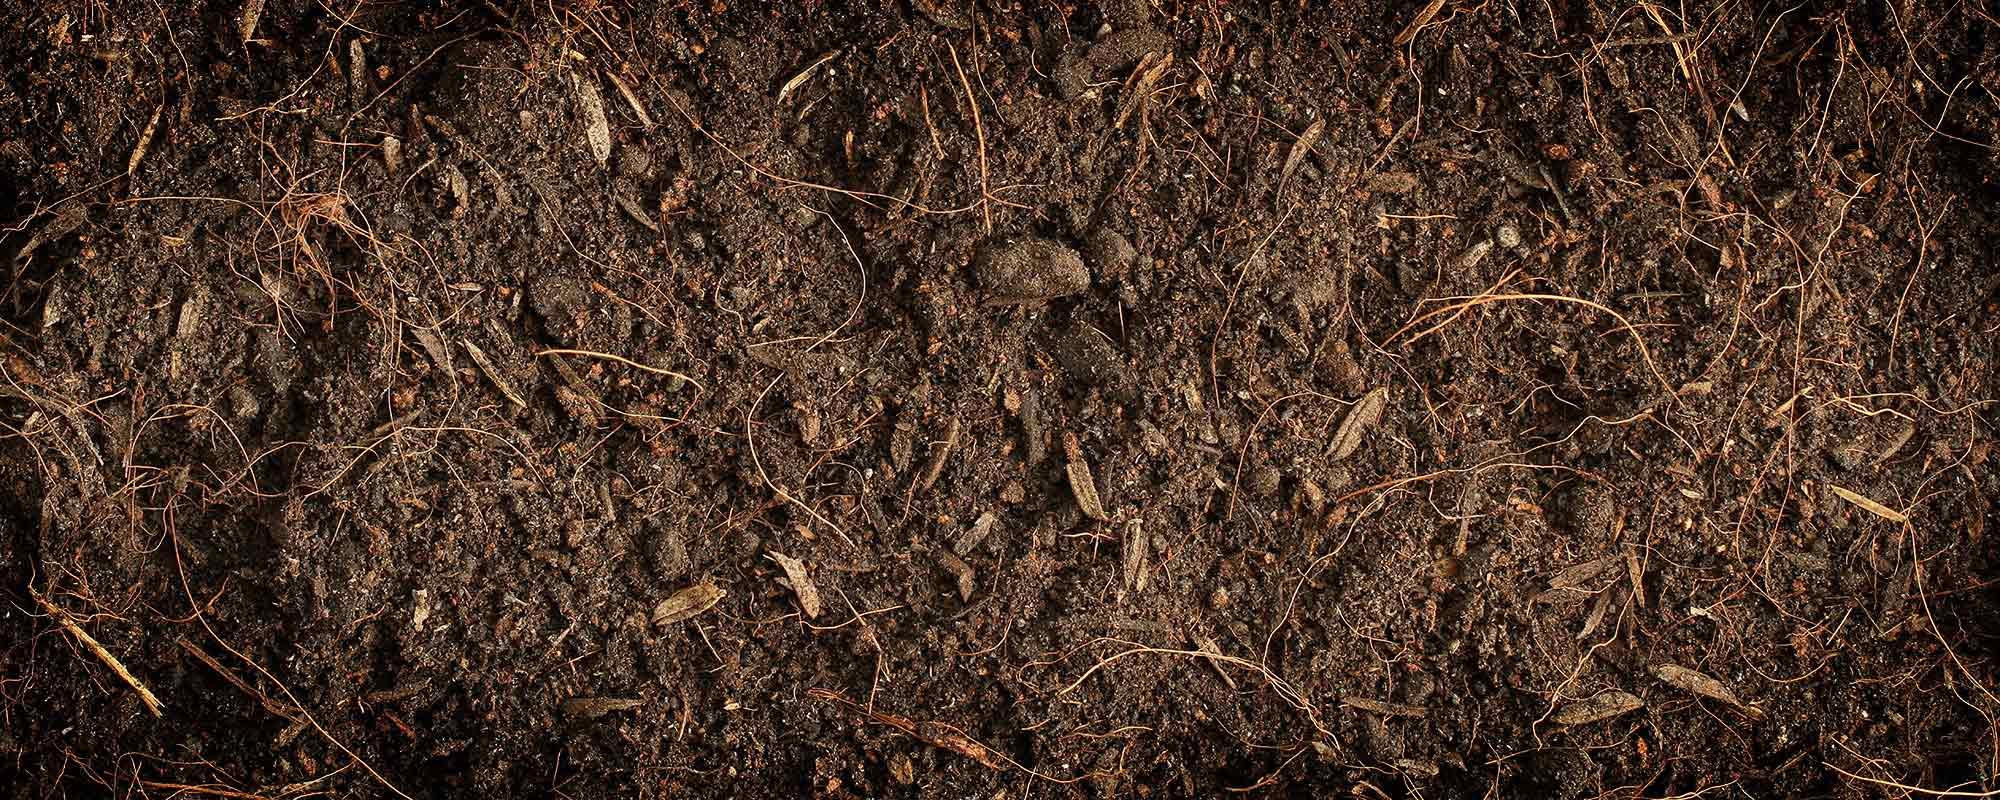 Toprağımızın bozulan fiziksel, kimyasal ve biyolojik dengesinin tekrar kurulabilmesi için organik madde ilavesi şarttır.